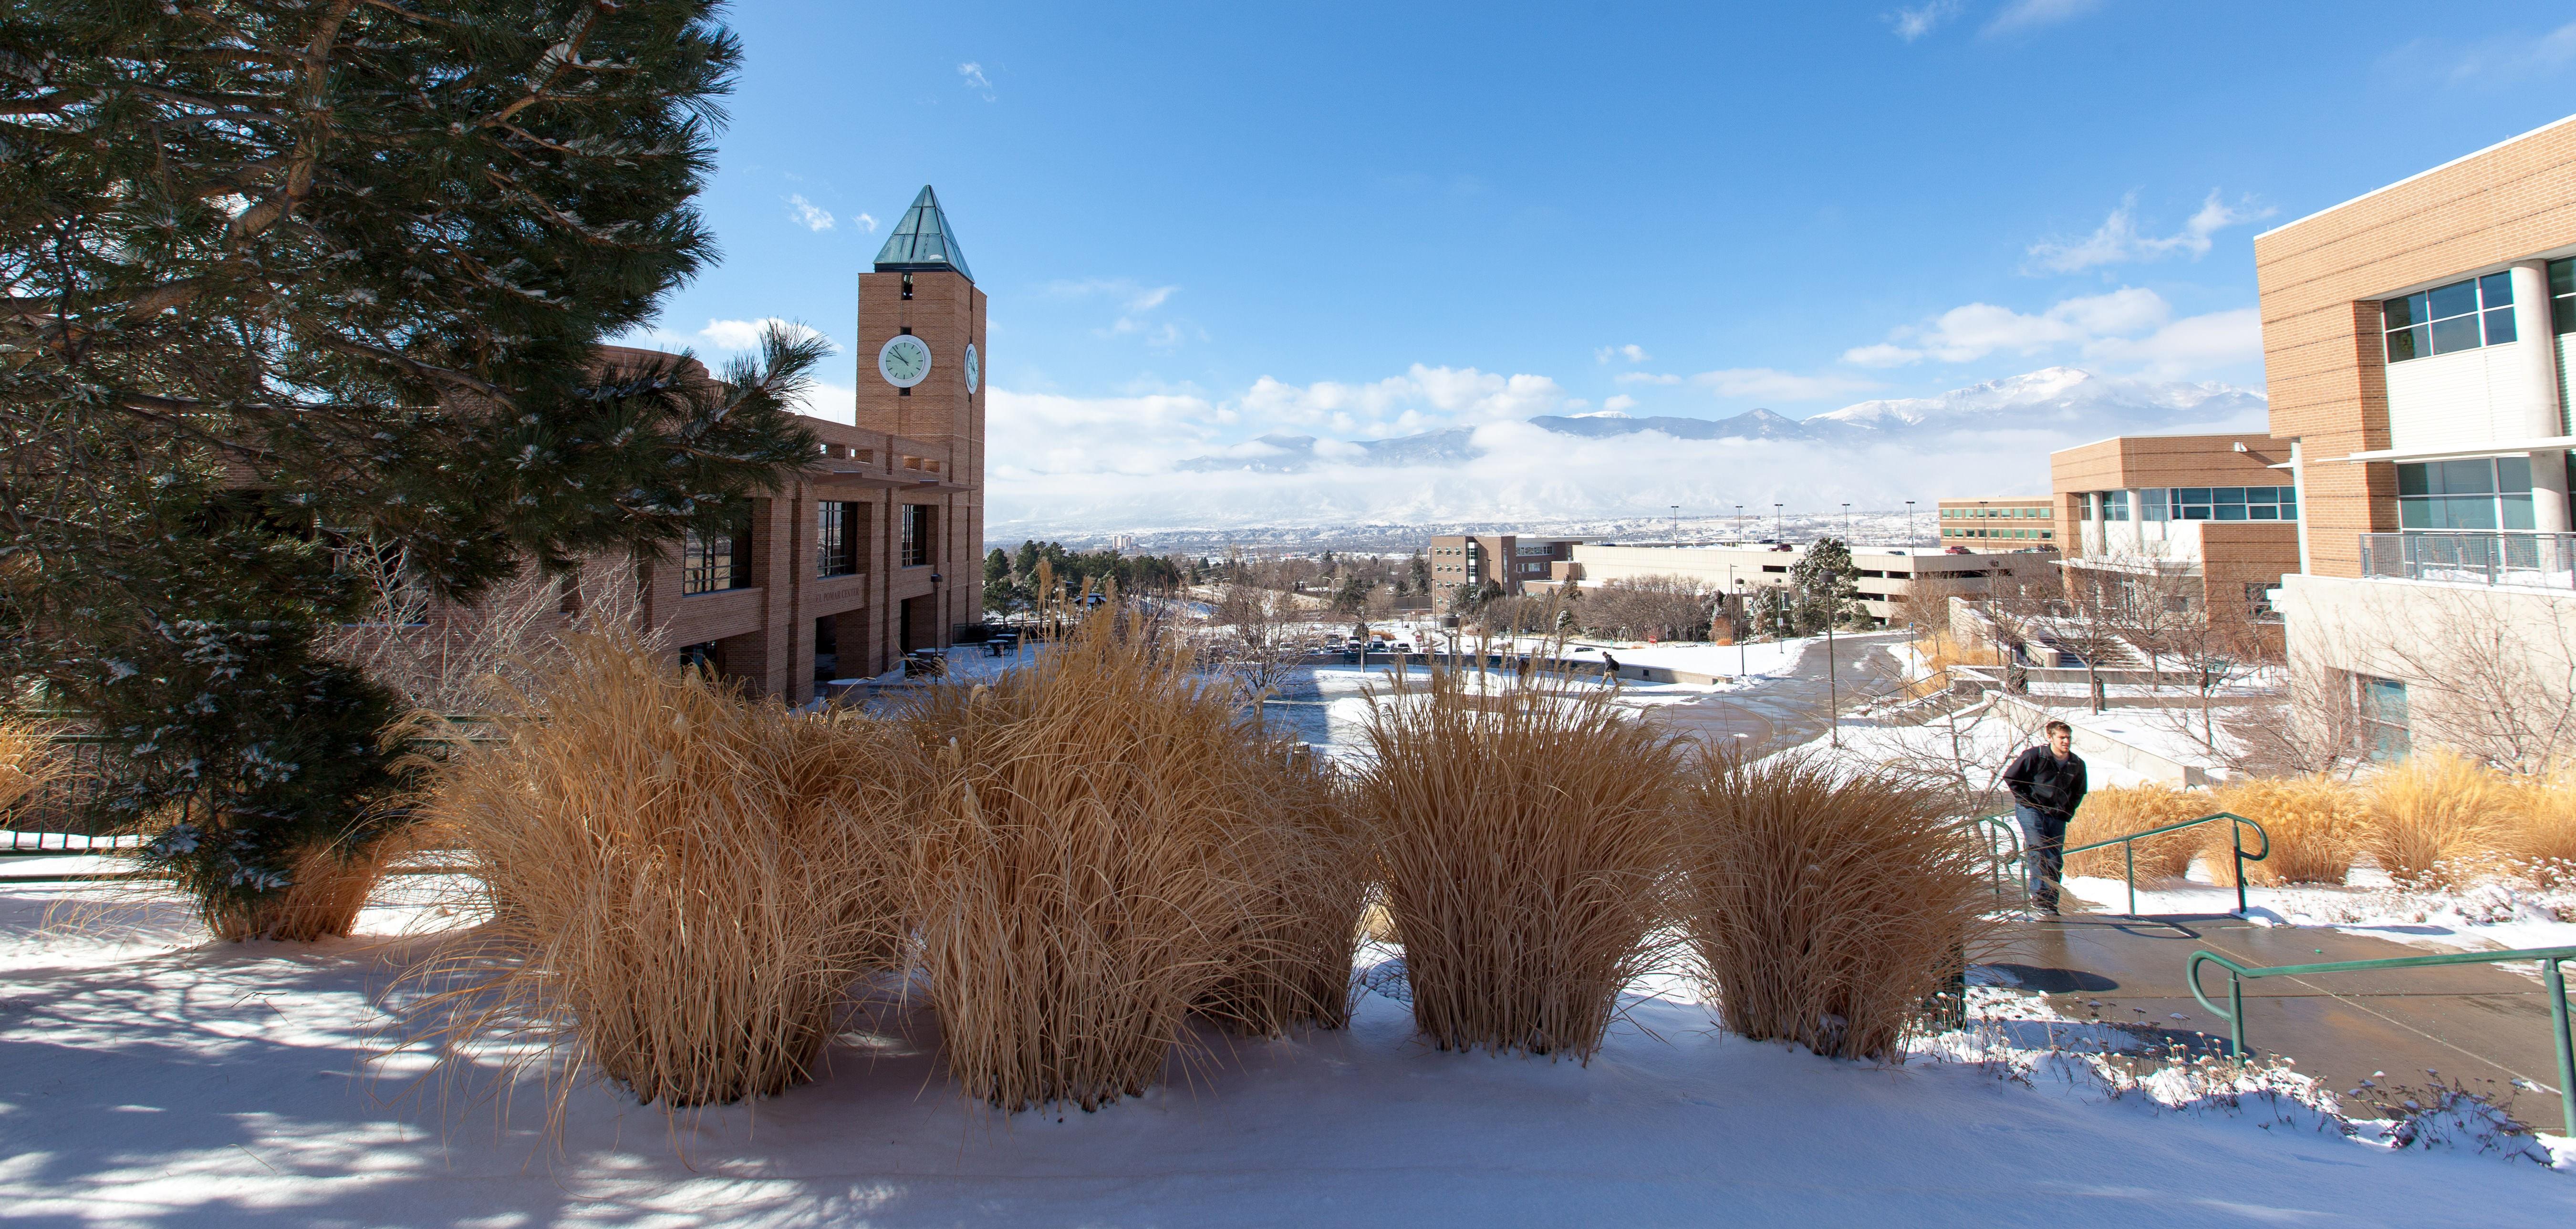 University of Colorado Colorado Springs | LinkedIn